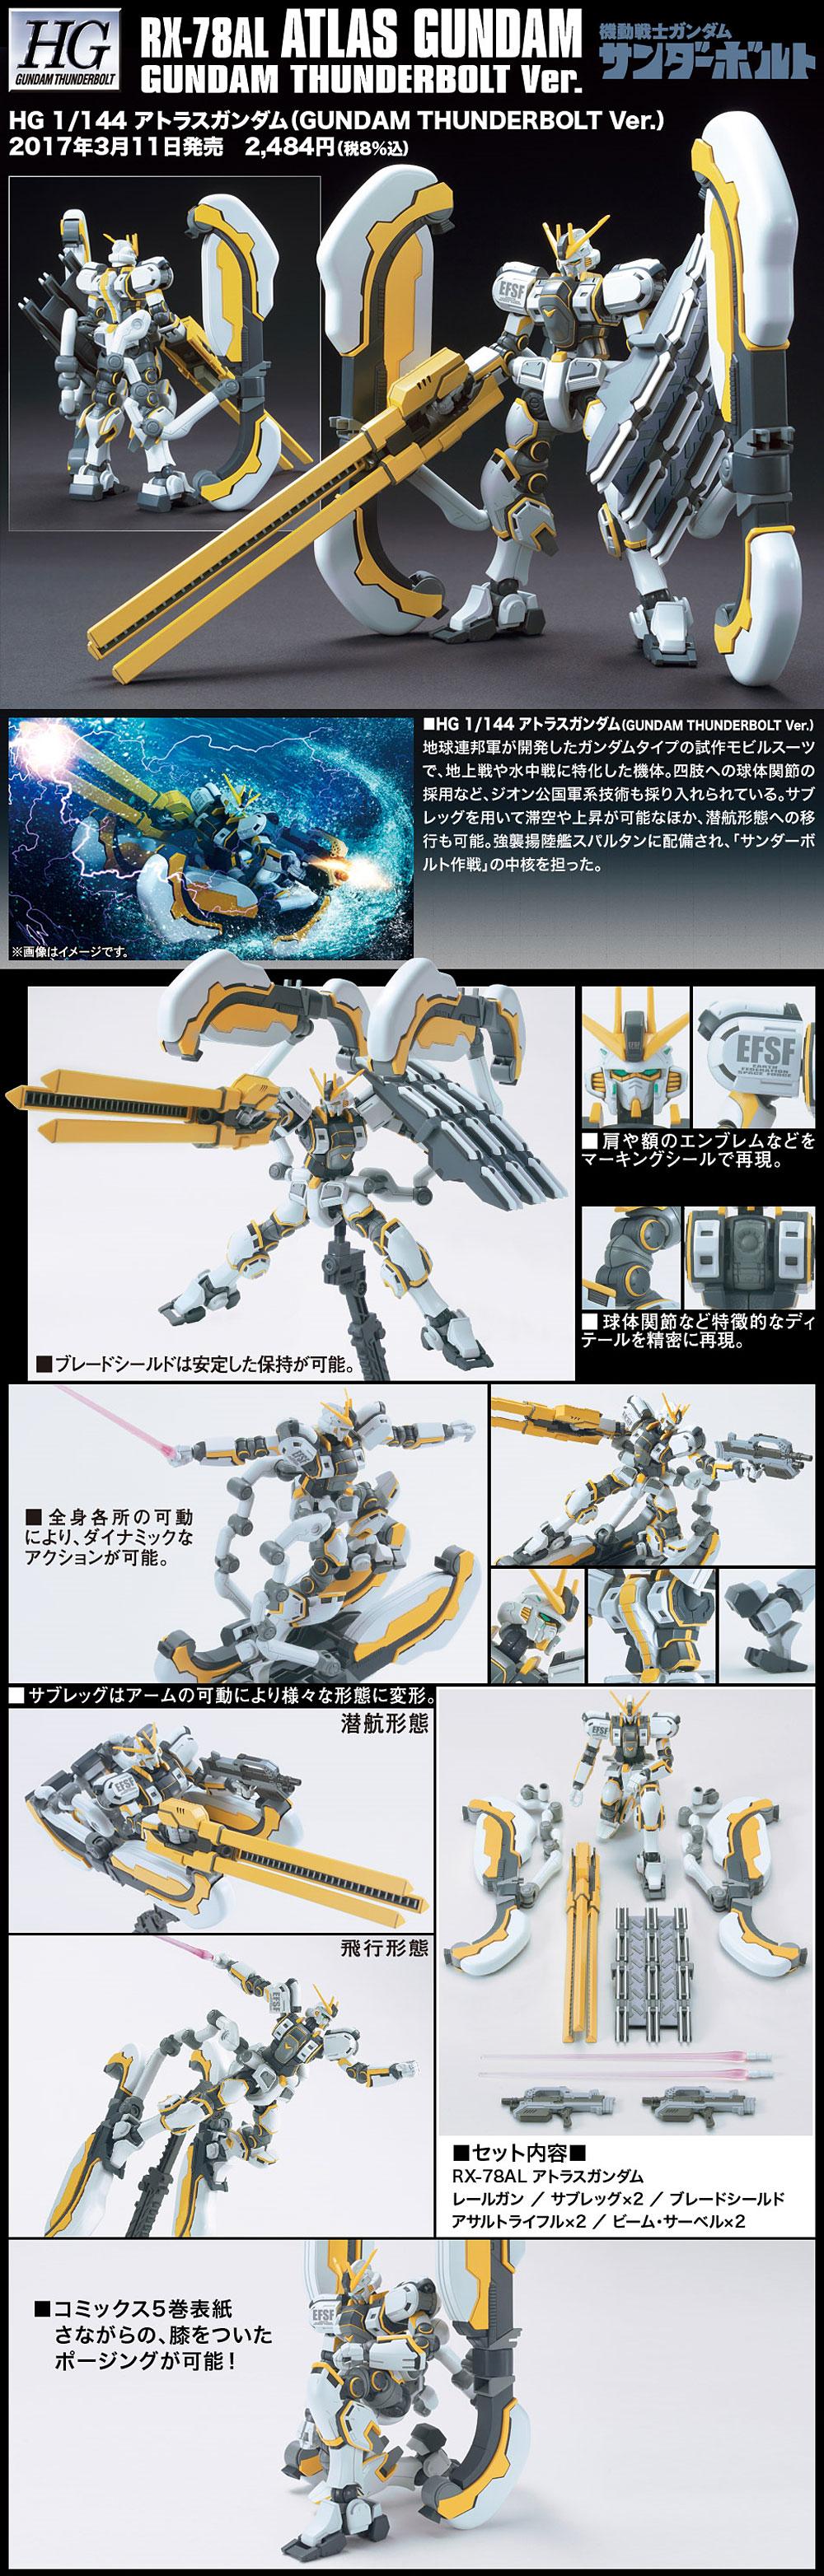 RX-78AL アトラスガンダム (ガンダム サンダーボルトVer.)プラモデル(バンダイ1/144 HG ガンダムサンダーボルトNo.0215634)商品画像_4